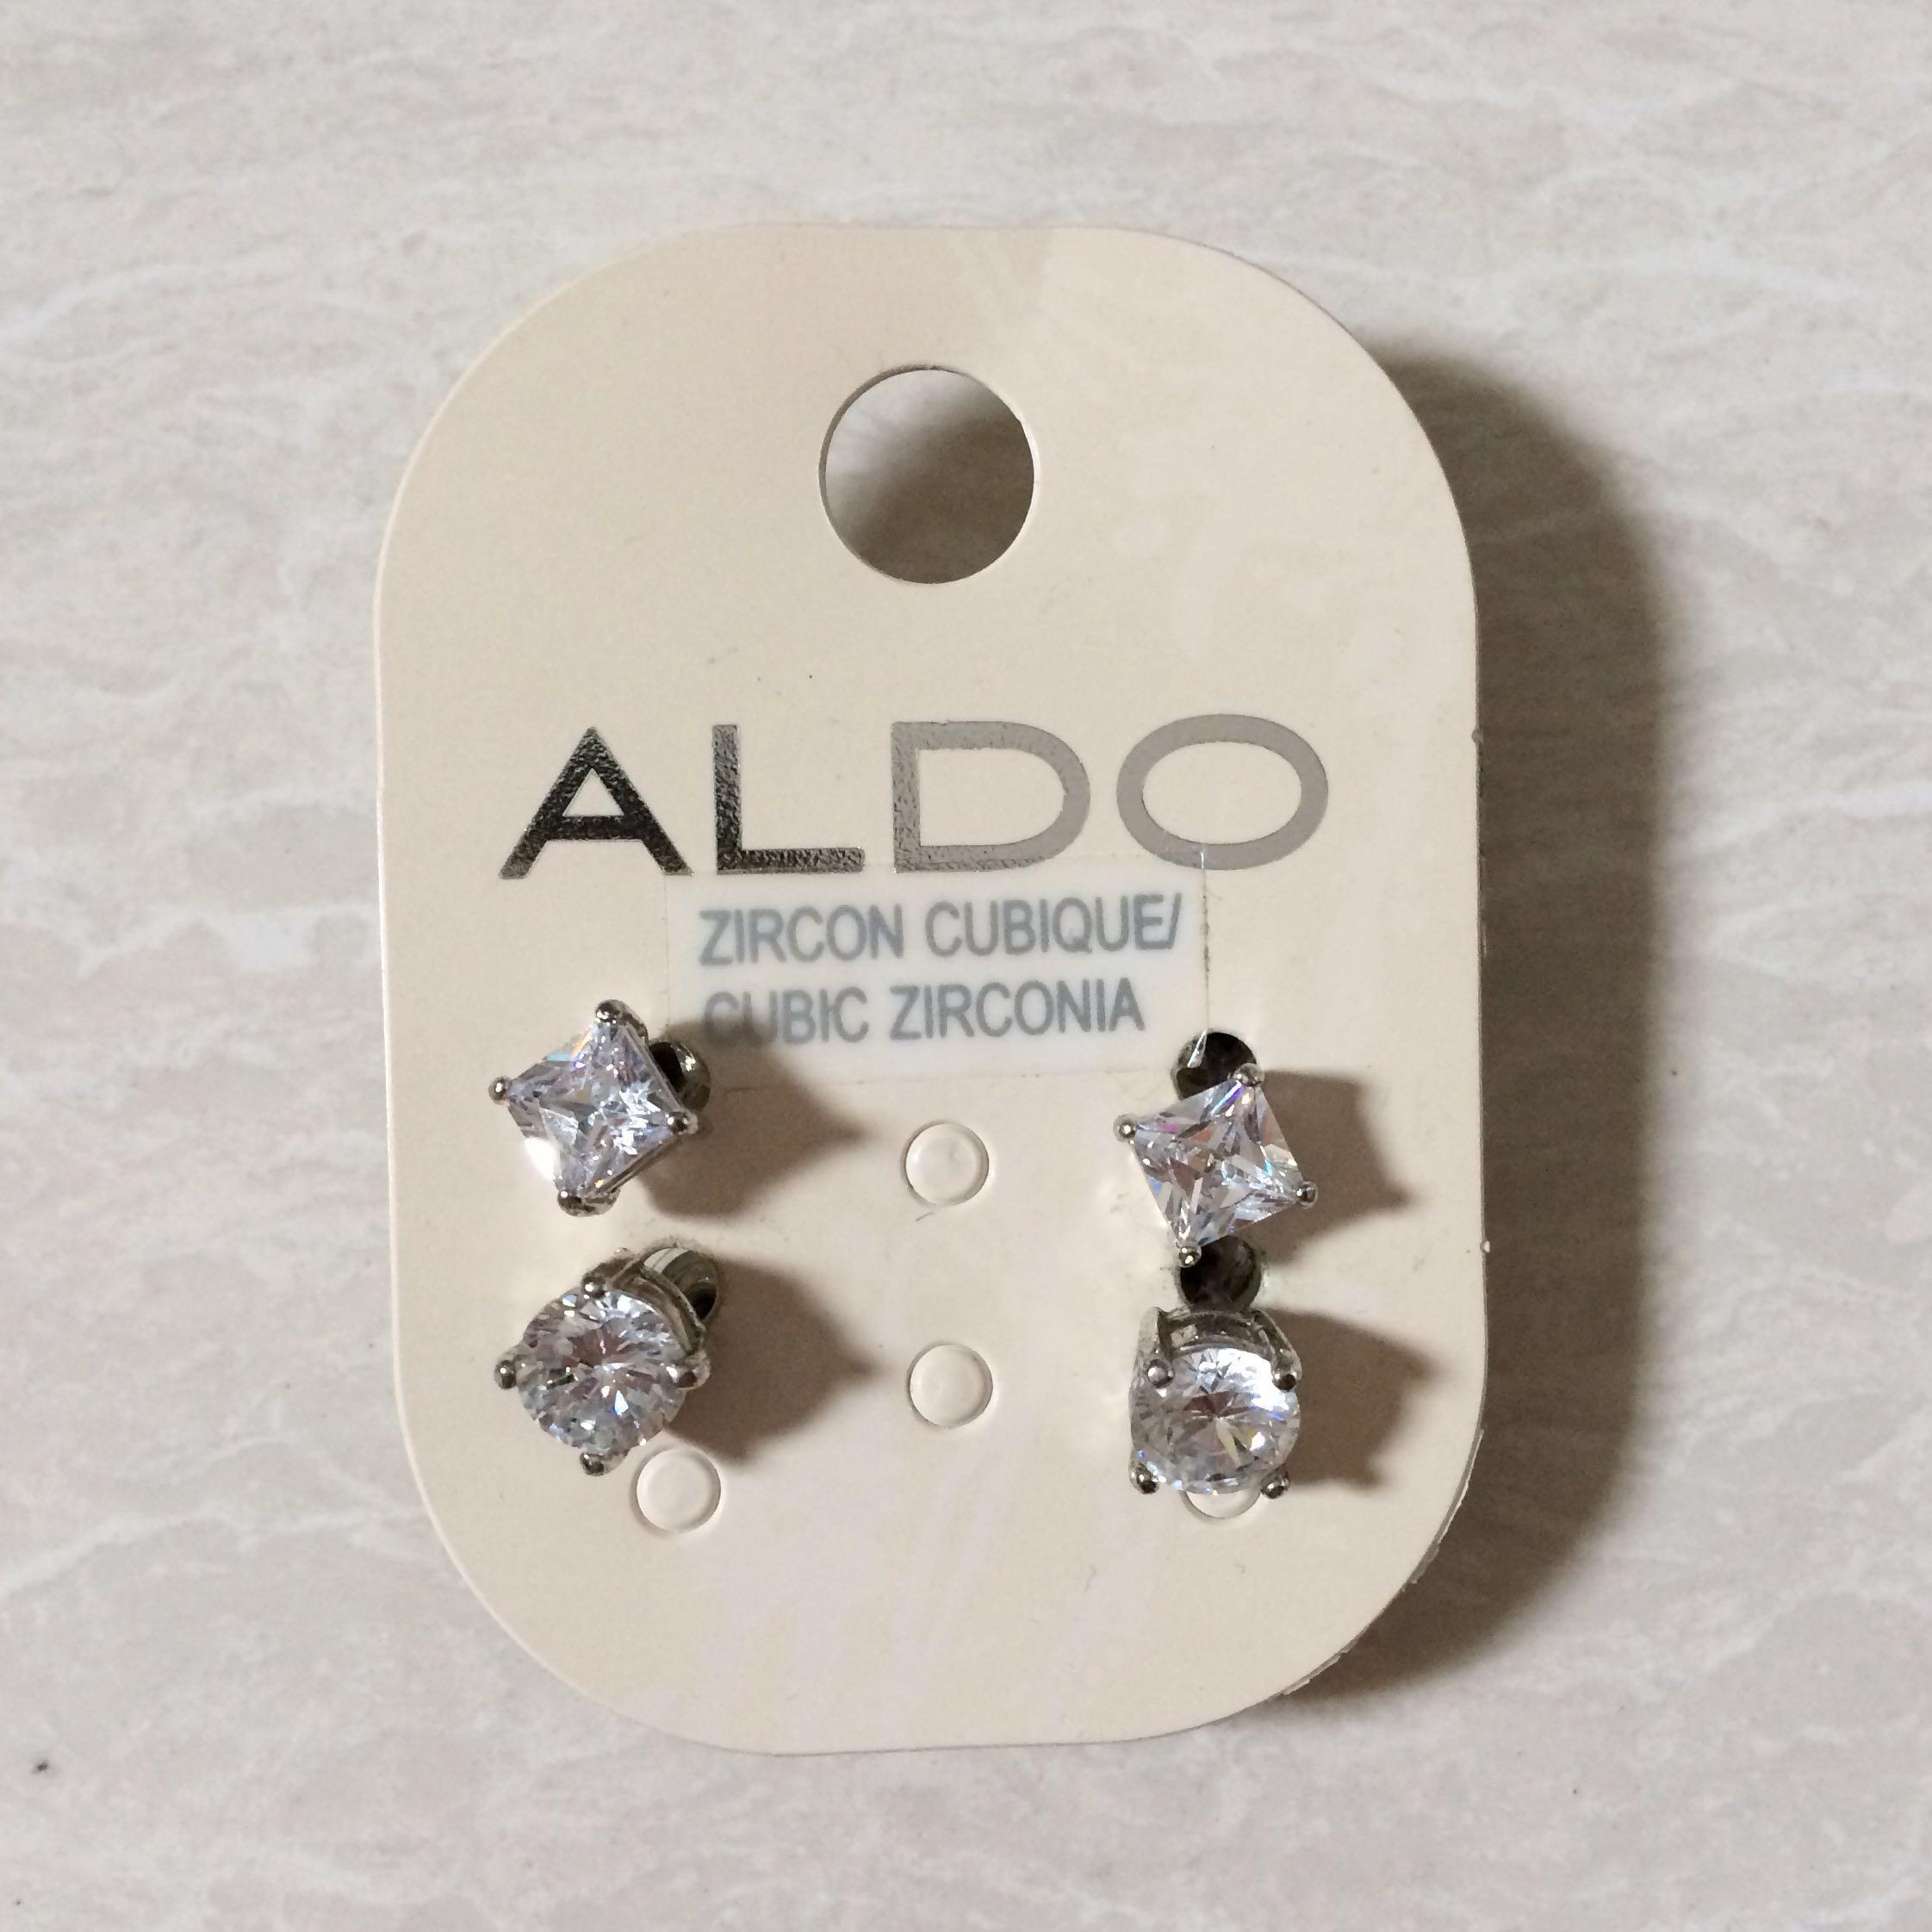 Wanita Stainless Steel Putih Zirkon Kalung Anting Tindik Set Source · Beranda Preloved Fesyen Wanita Perhiasan